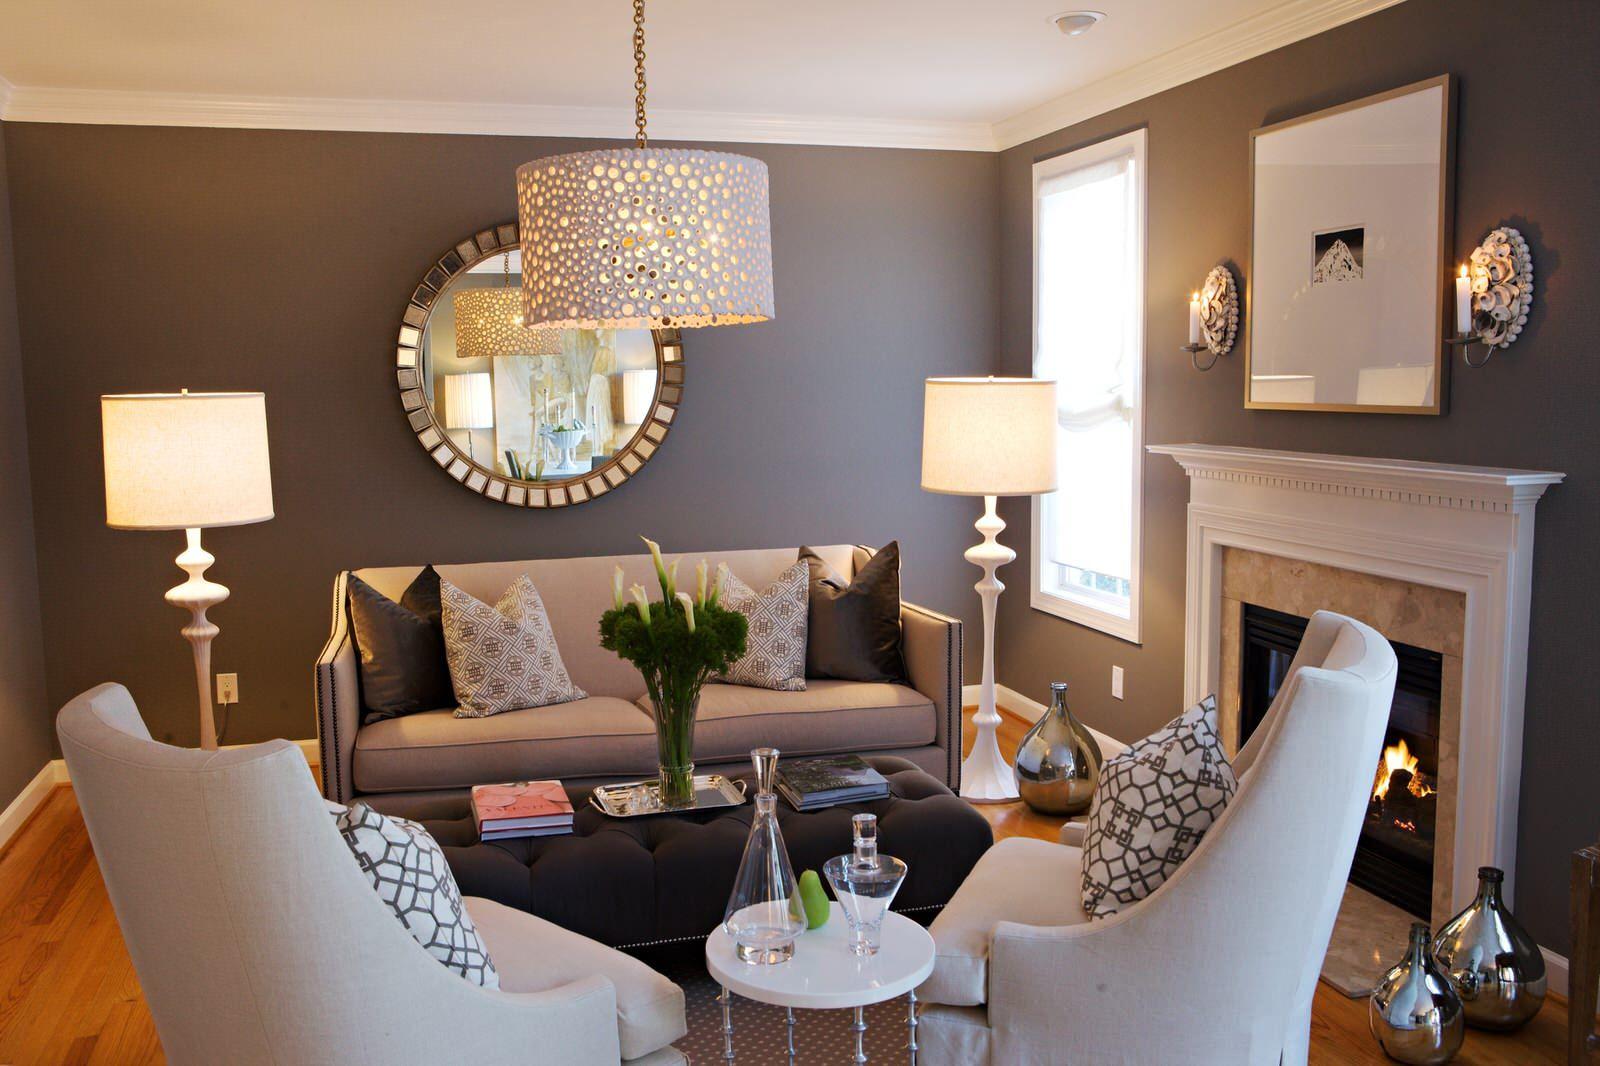 soggiorno stile classico chic con pareti color fango abbinato con arredamento tortora